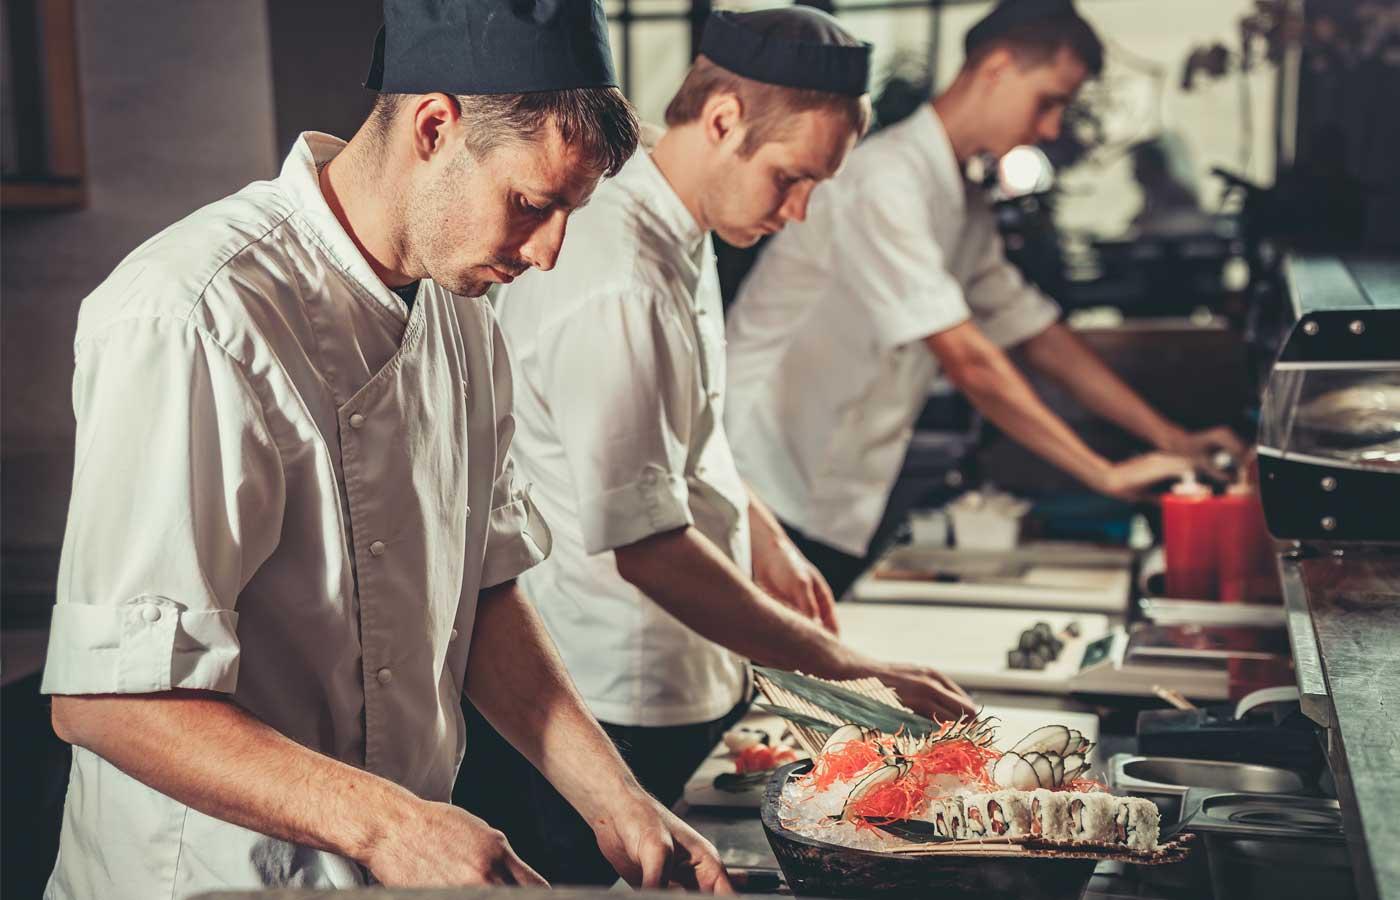 Photo of 世界で2番目に寿司を食べるフランスは、訪日フランス人YouTuberで空前の日本ブーム到来の予感